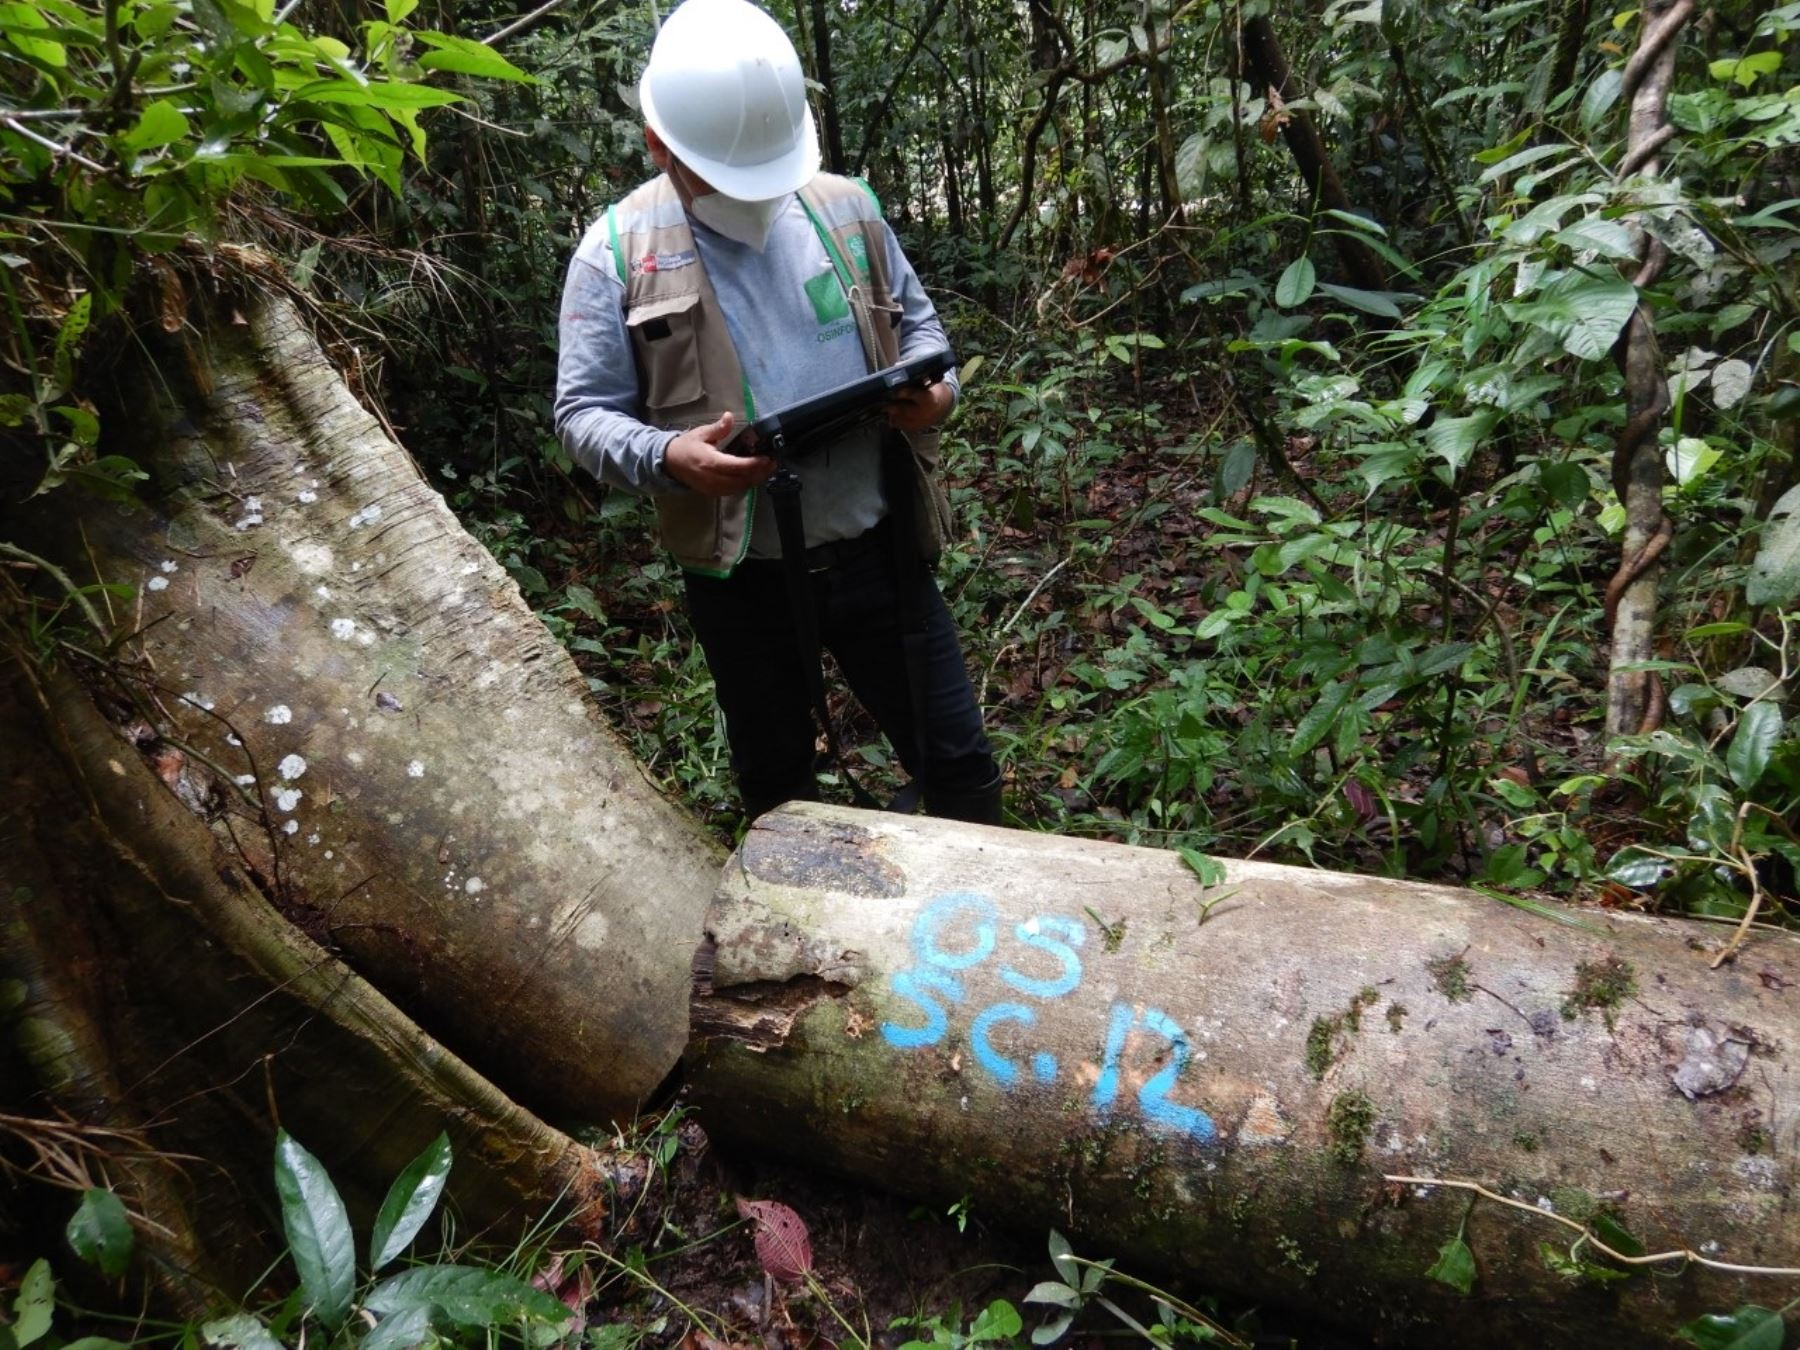 Osinfor presenta herramientas digitales para enfrentar los delitos forestales que se cometen en la Amazonía. ANDINA/Difusión